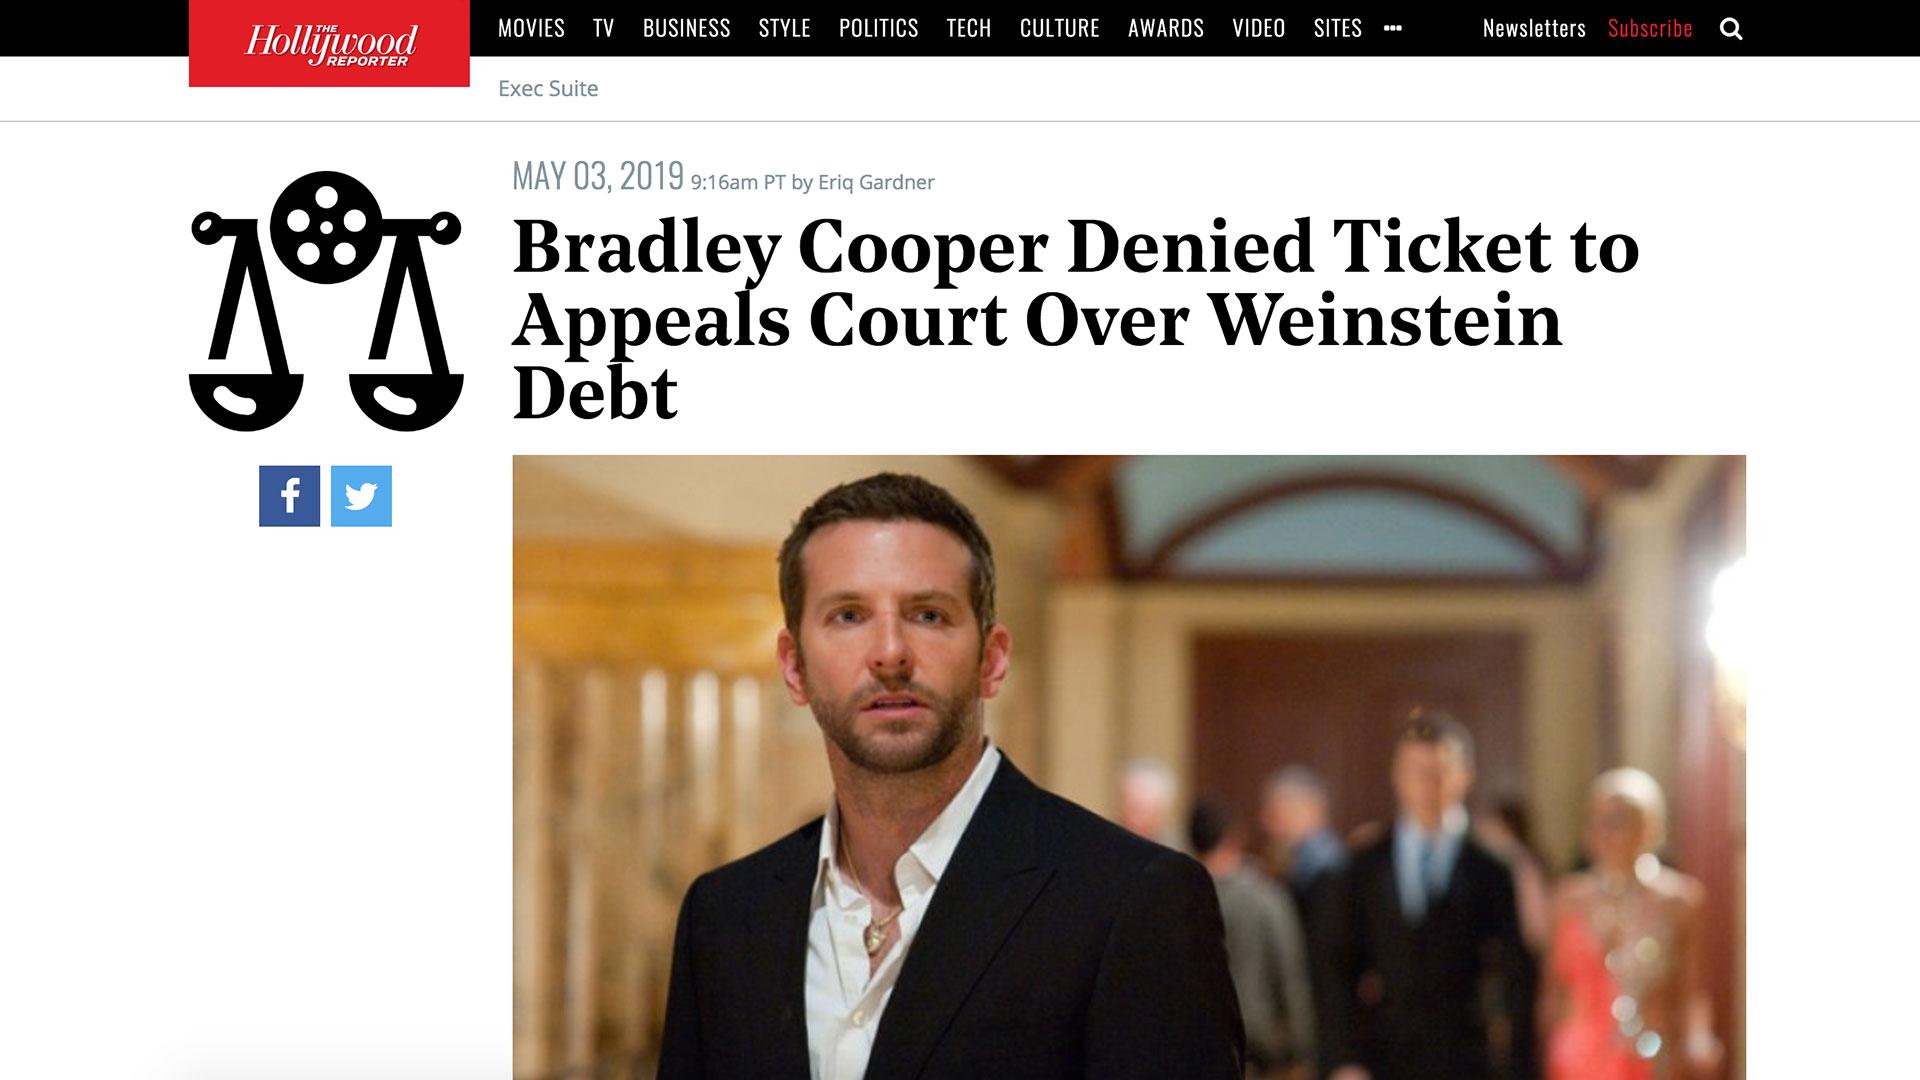 Fairness Rocks News Bradley Cooper Denied Ticket to Appeals Court Over Weinstein Debt